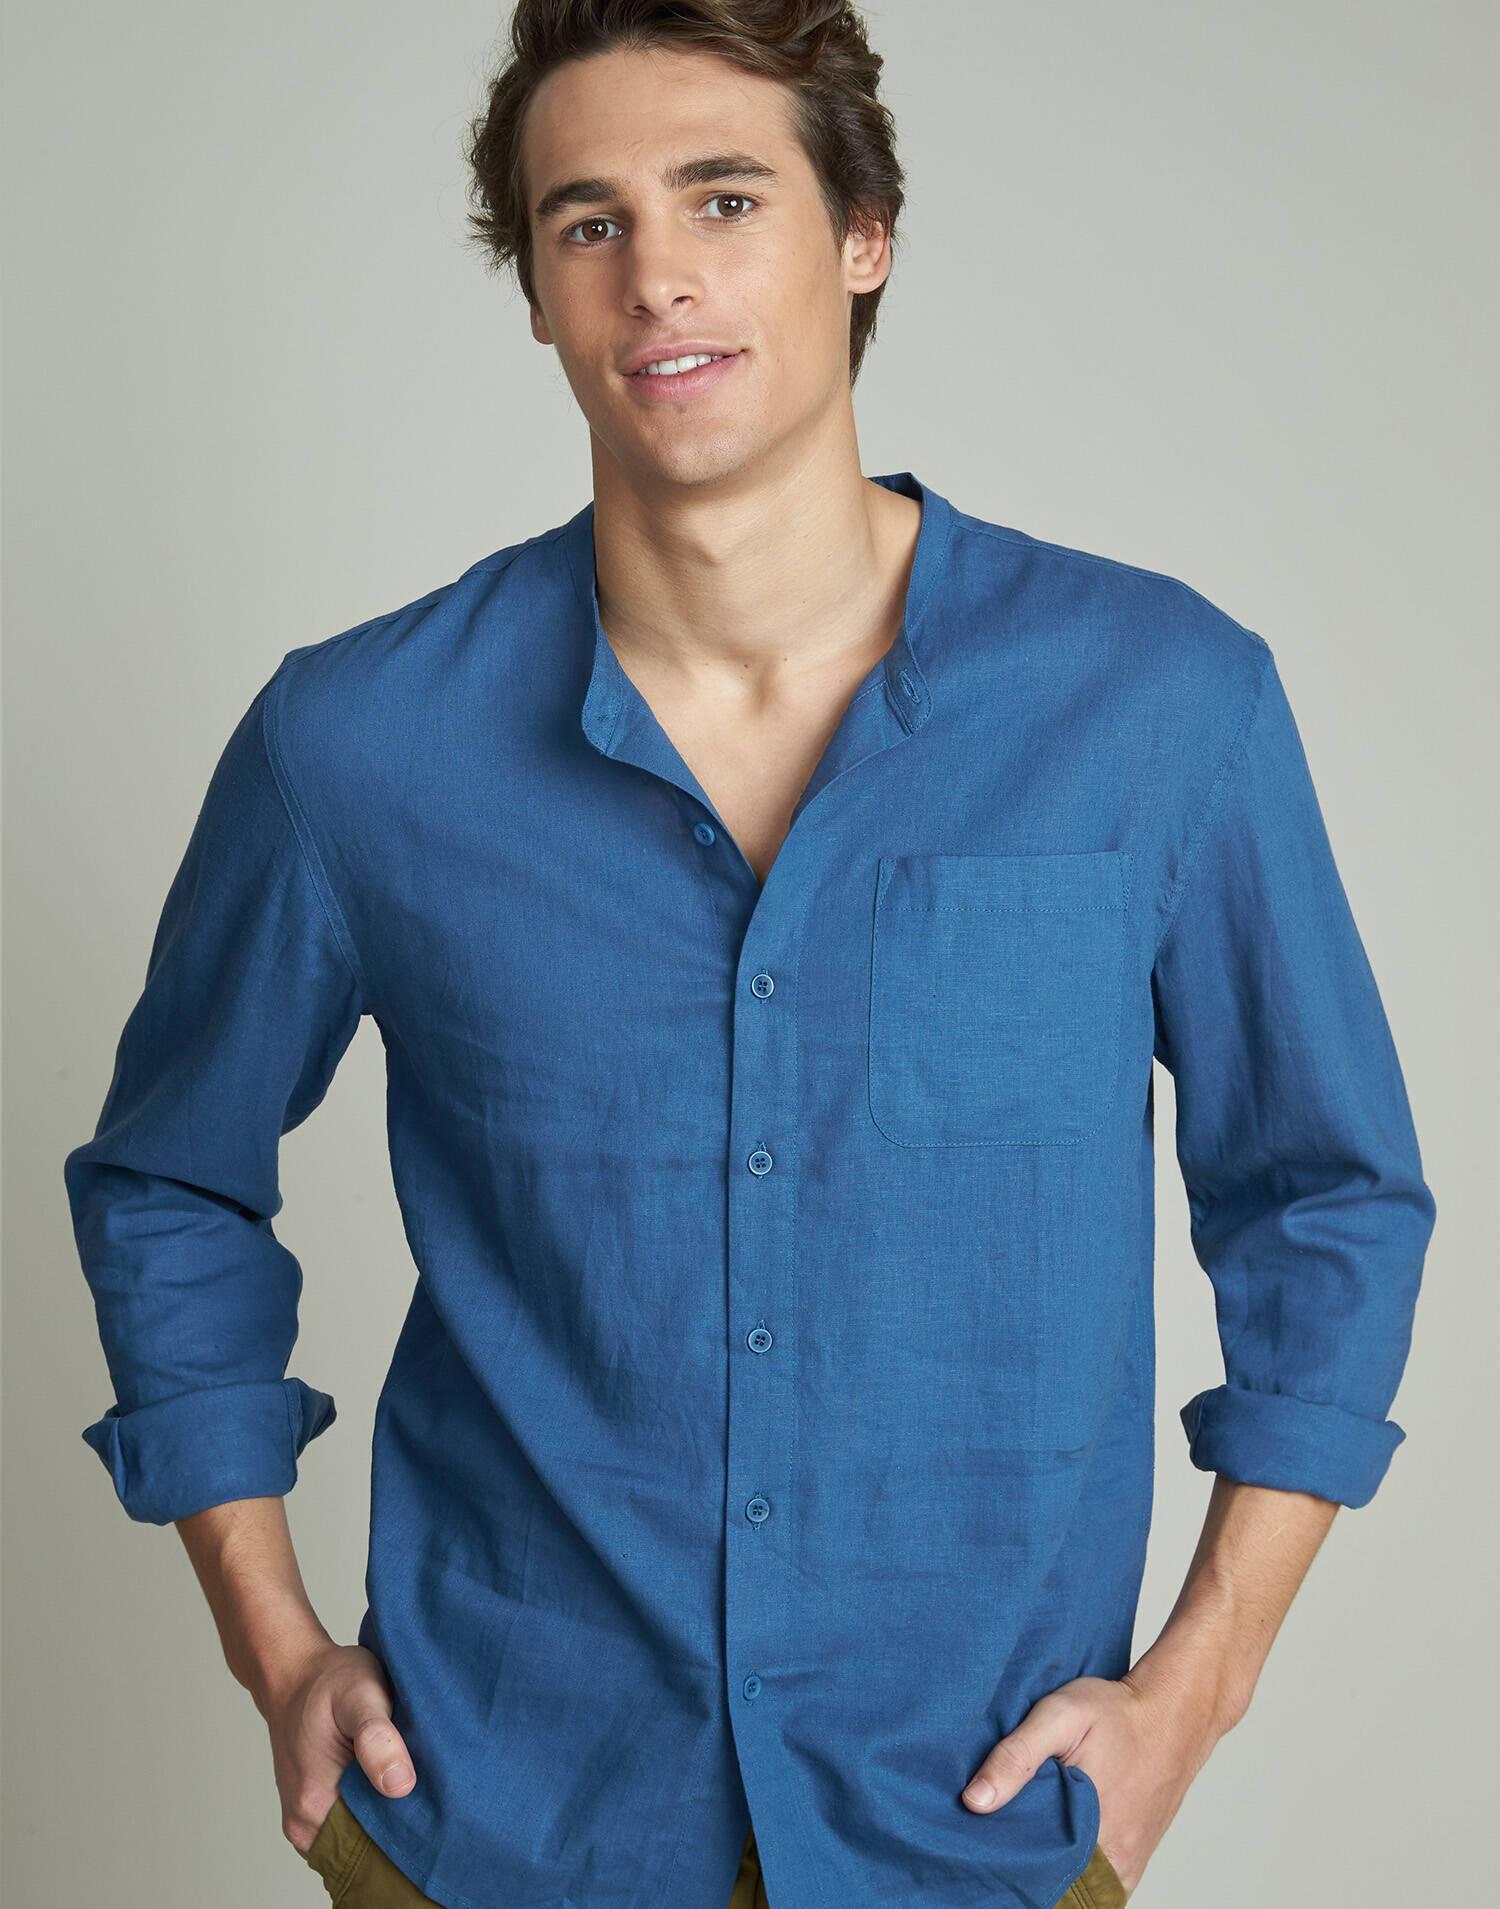 Camisa lino hombre